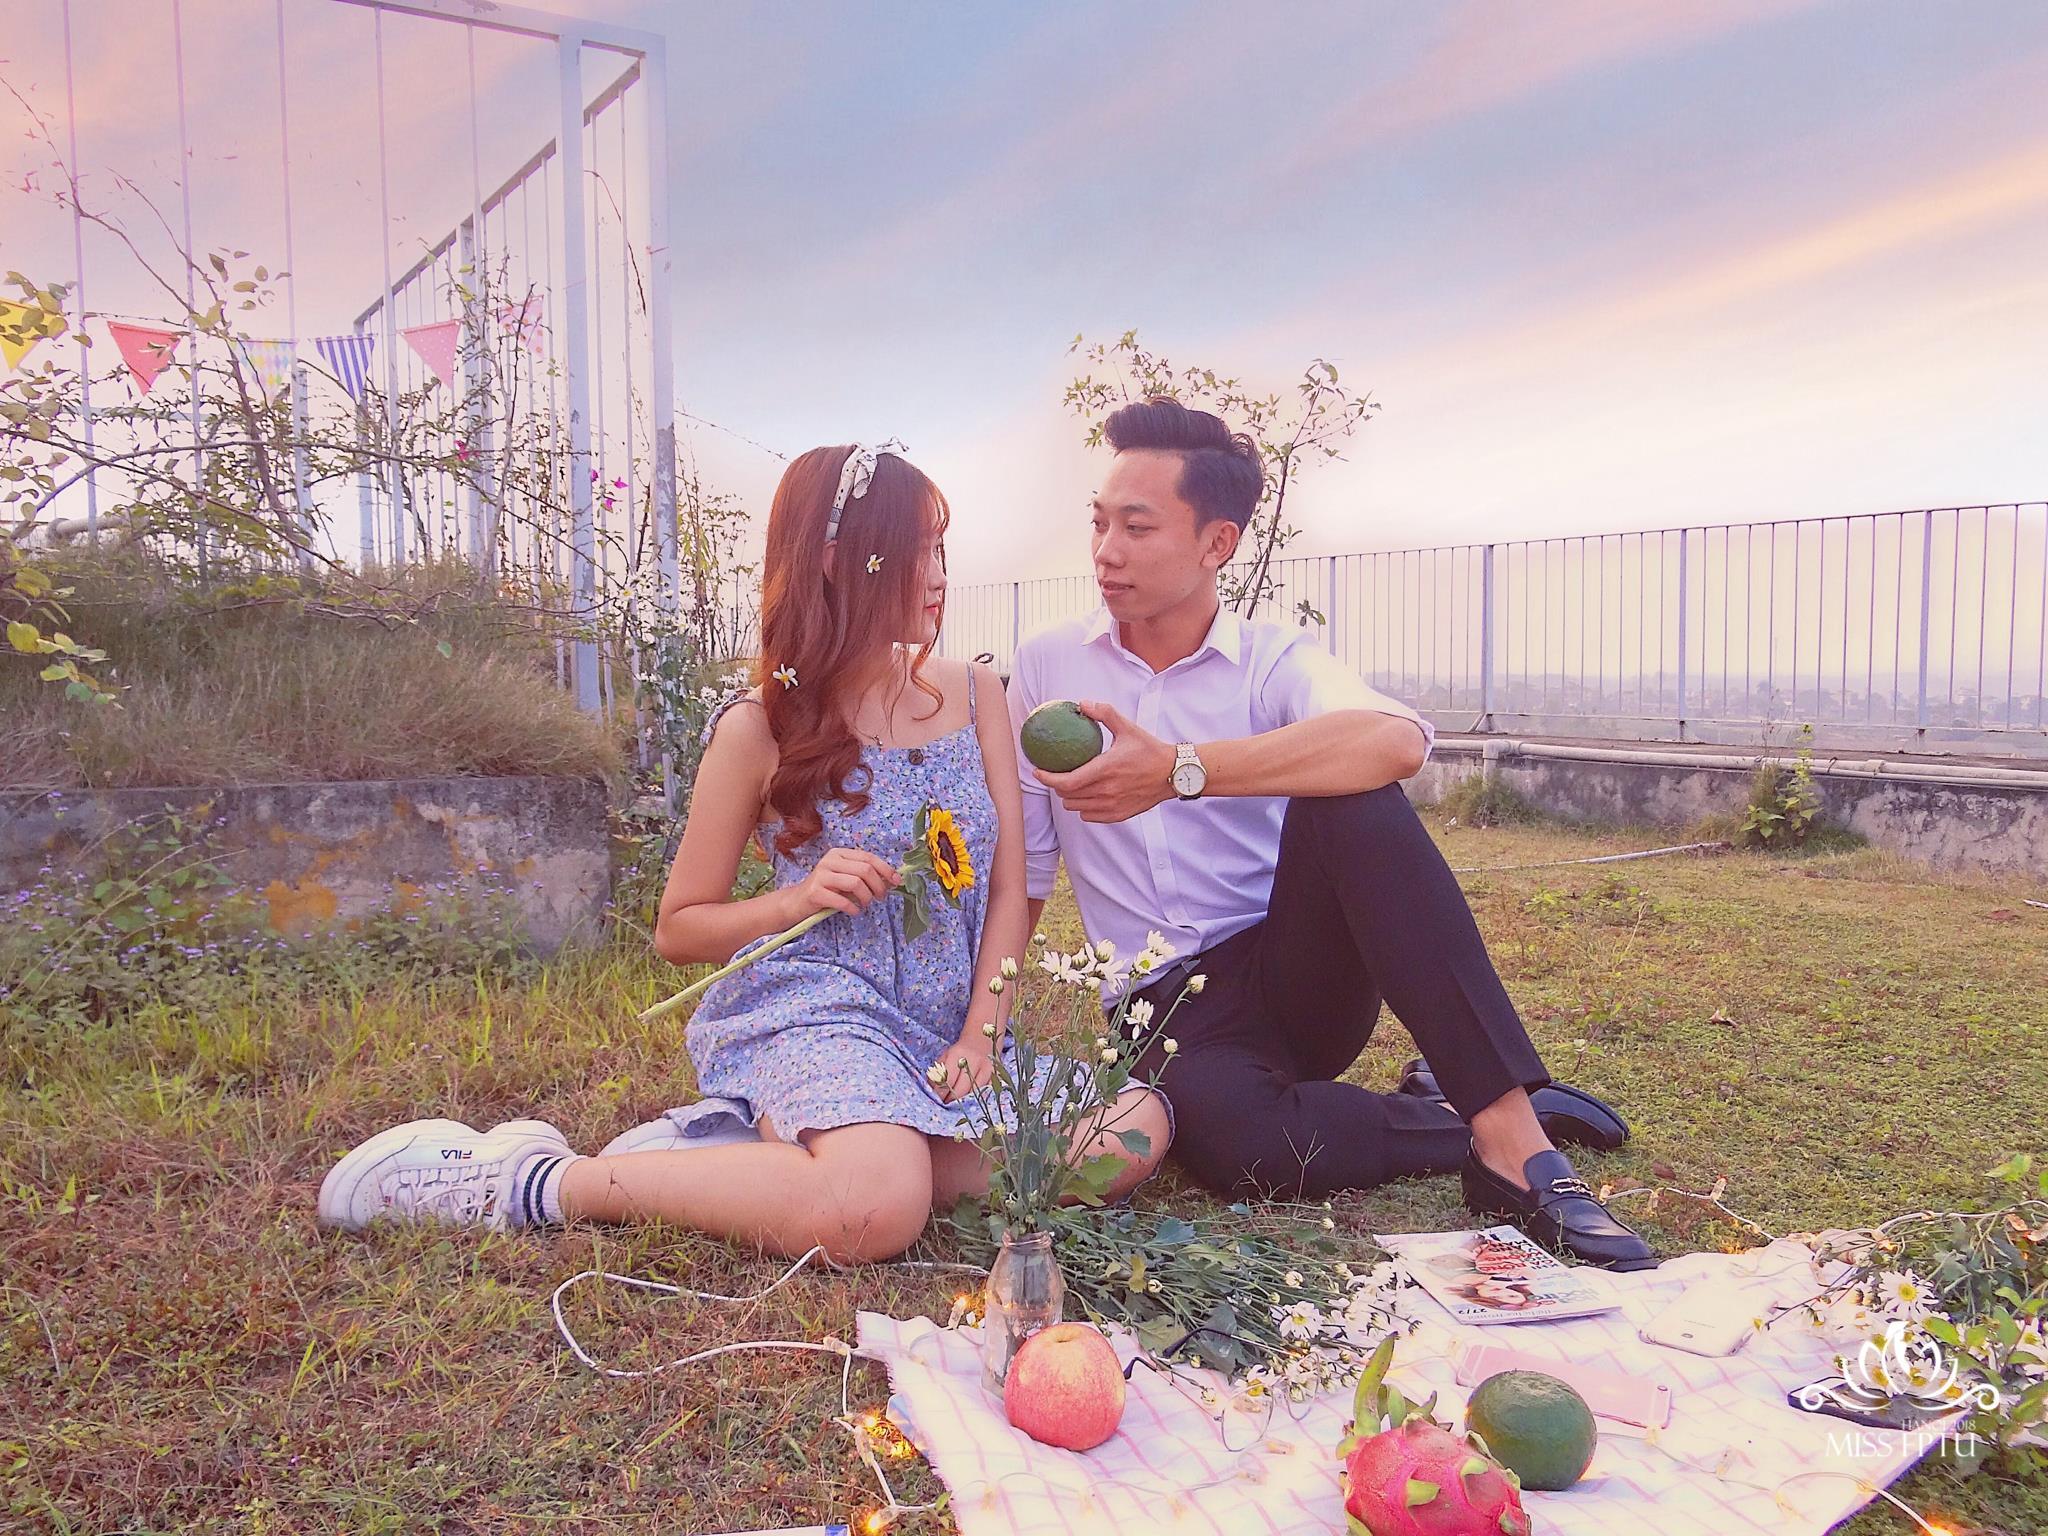 """Lê Thị Thanh Thùy- Trần Văn Hiếu Concept: """"True Love"""" - Khi yêu bỗng dưng cả thế giới trở nên nhỏ bé và chỉ nằm gọn ở duy nhất một người."""